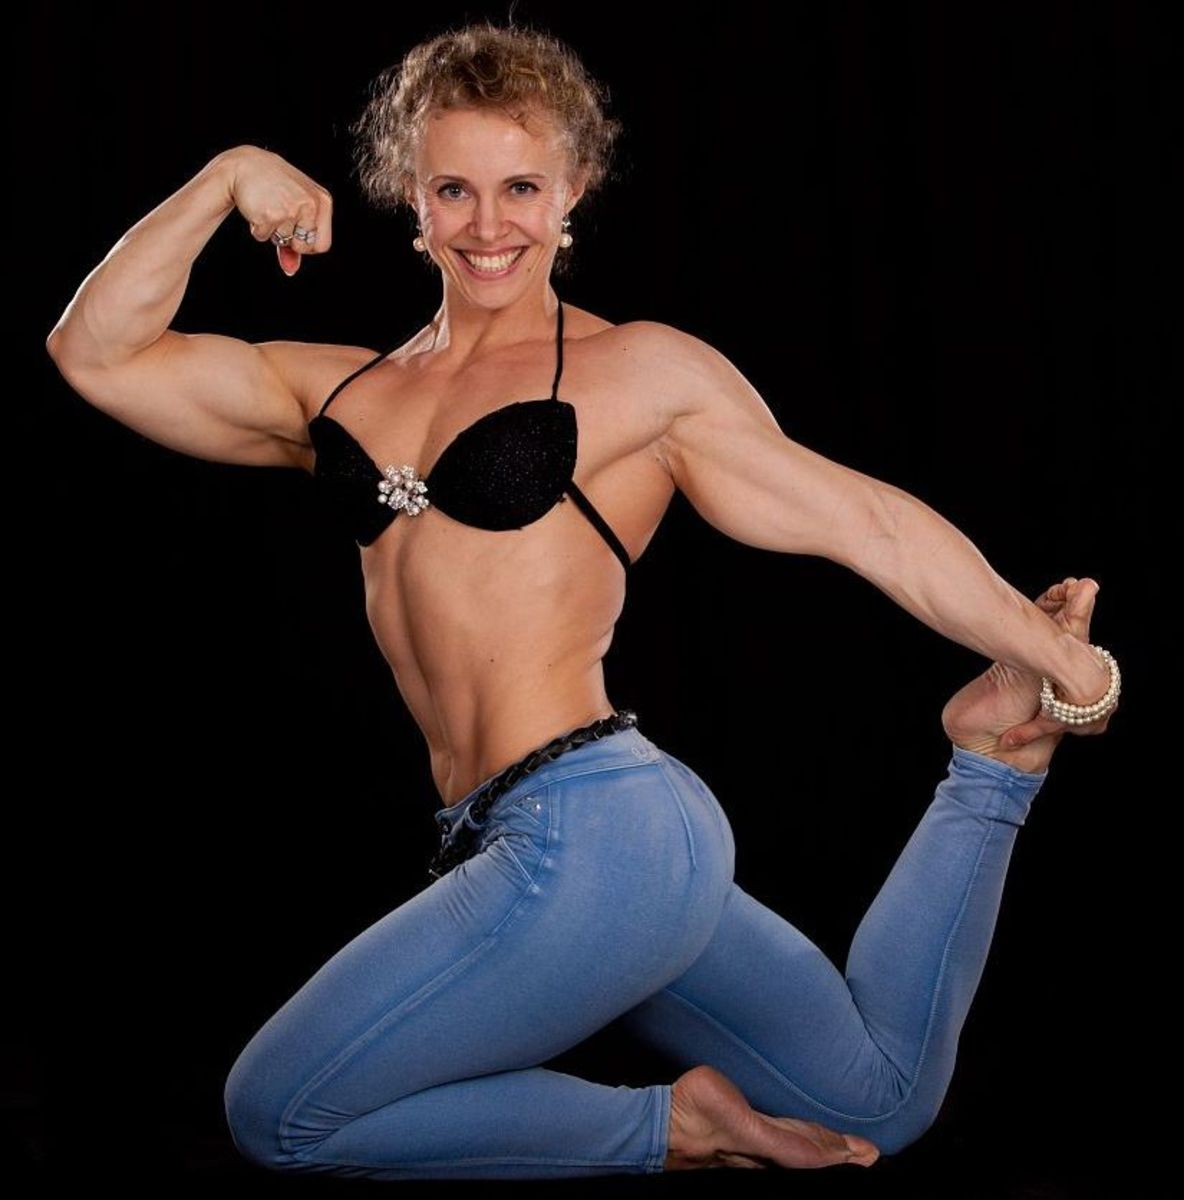 Russian female bodybuilder Elena Shportun